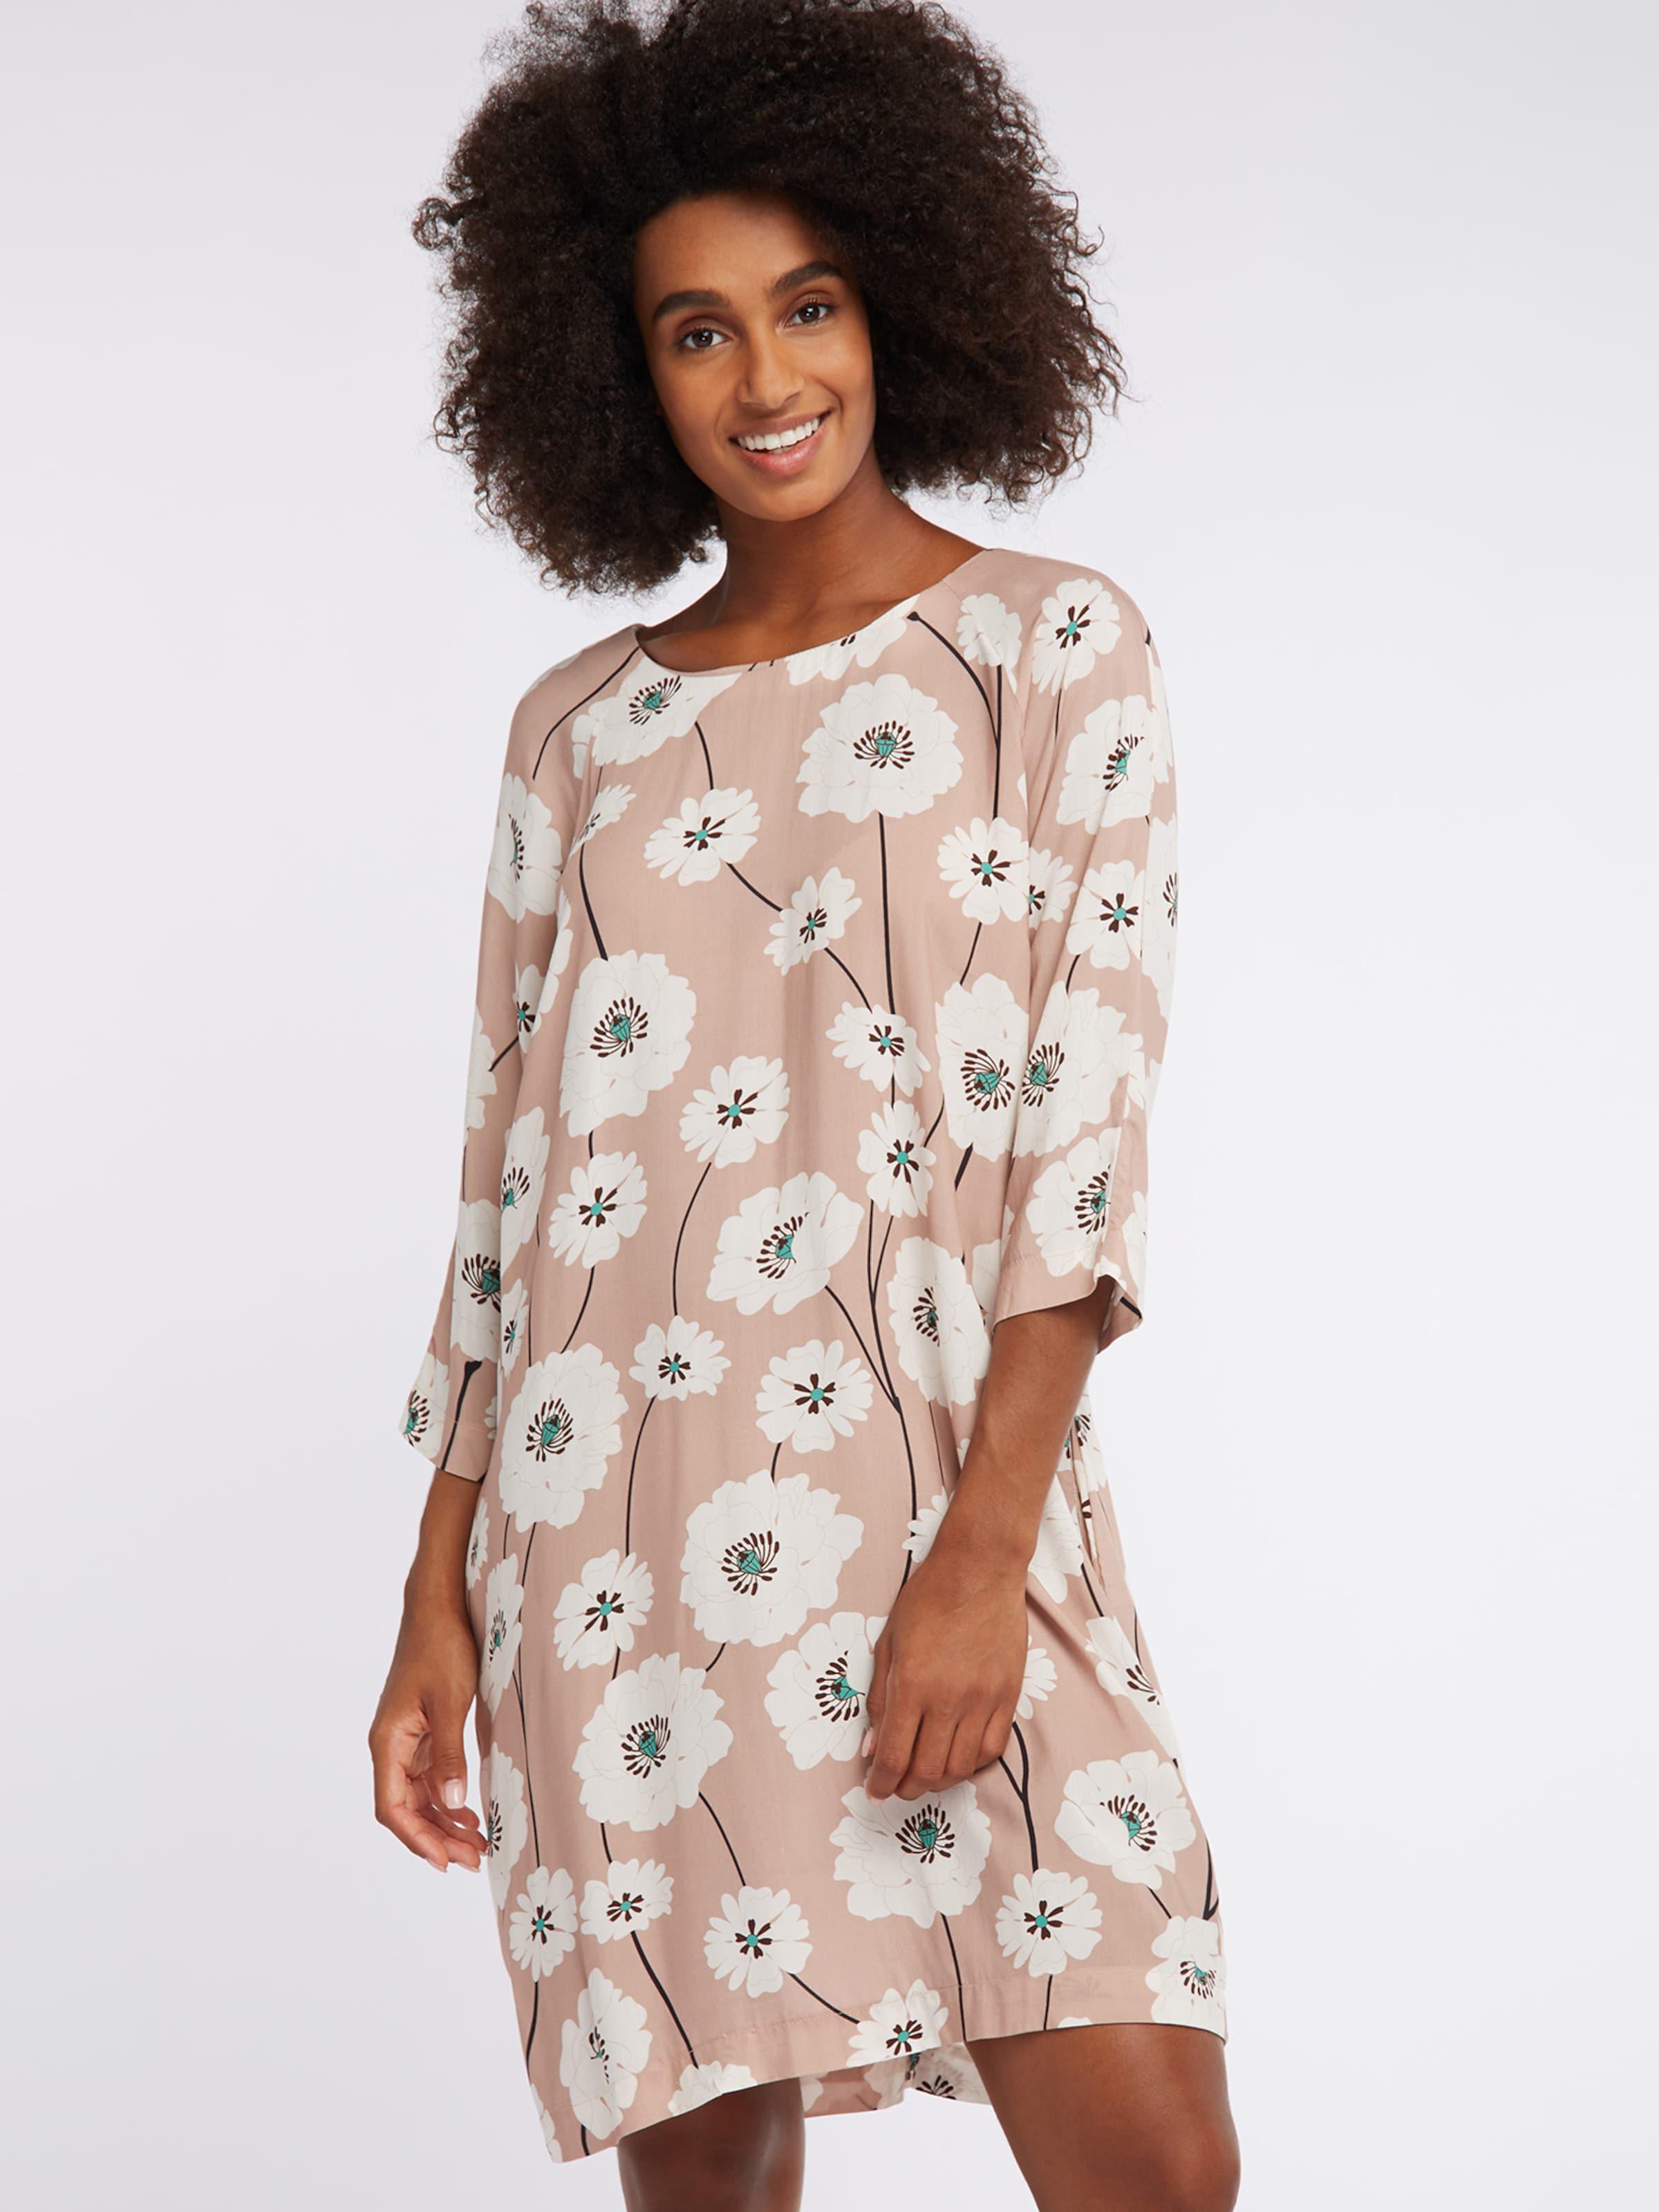 MauveOffwhite In Fashion 'piaf' Broadway Kleid Nyc 6ybfg7